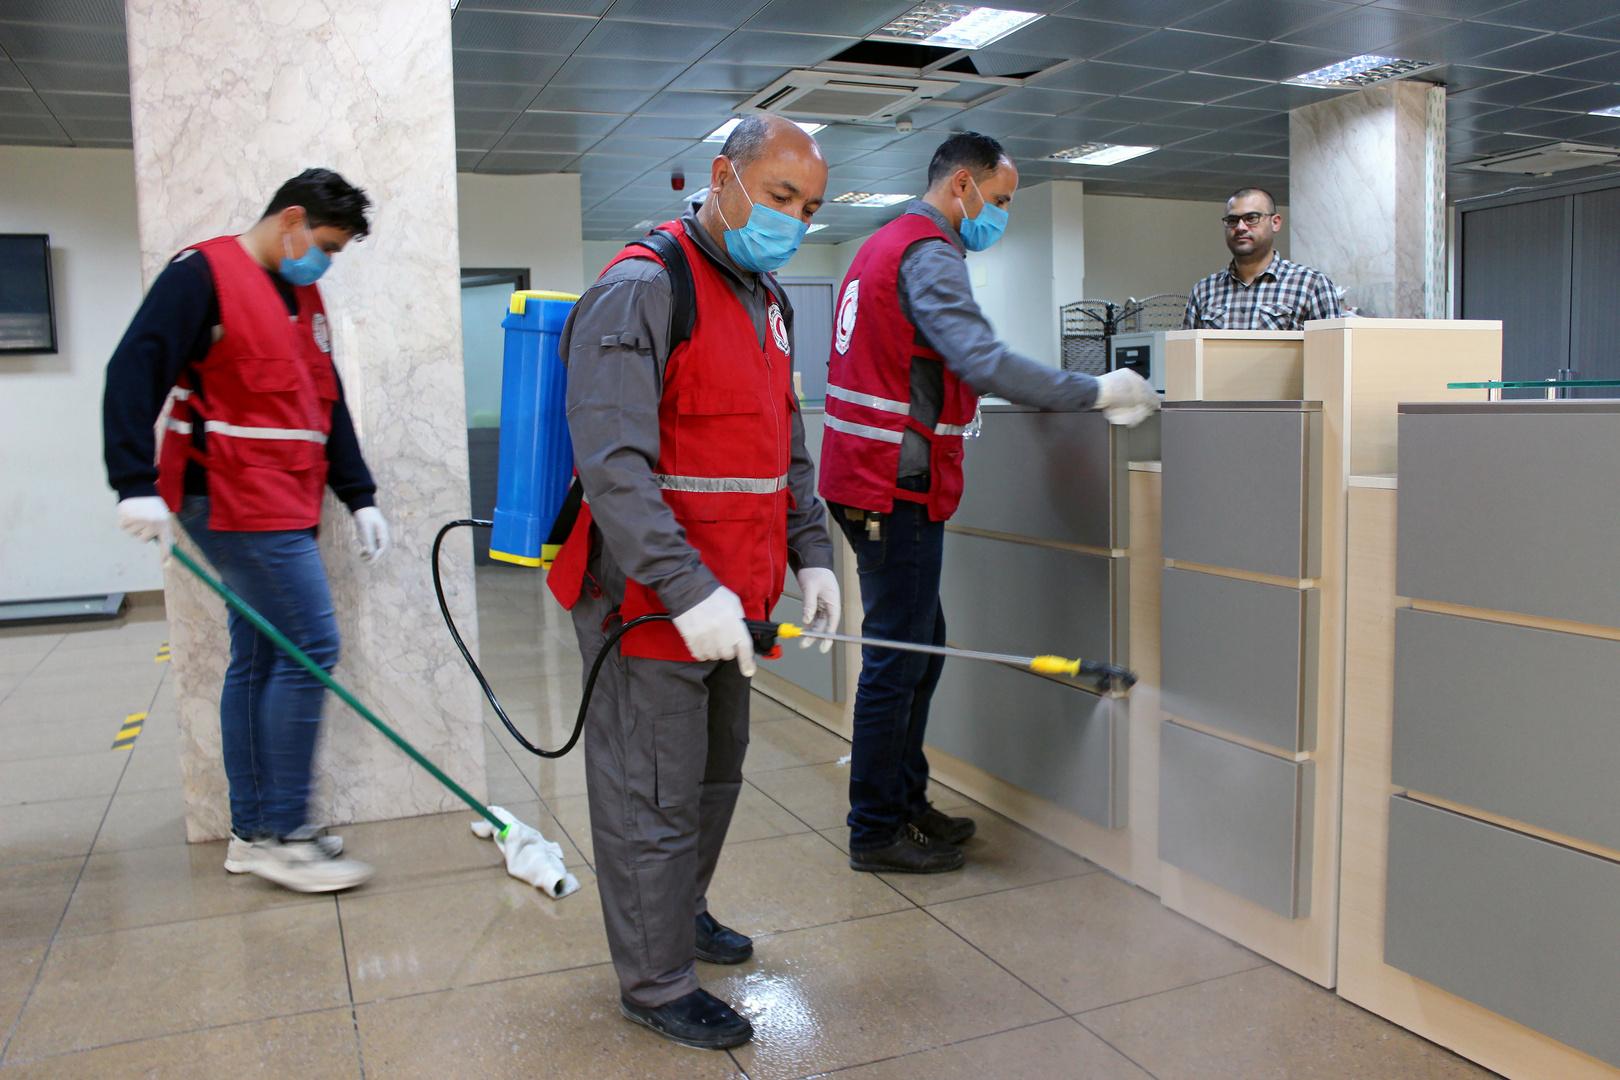 أفراد من الهلال الأحمر يعقمون الأماكن العامة في مدينة مصراتة الليبية